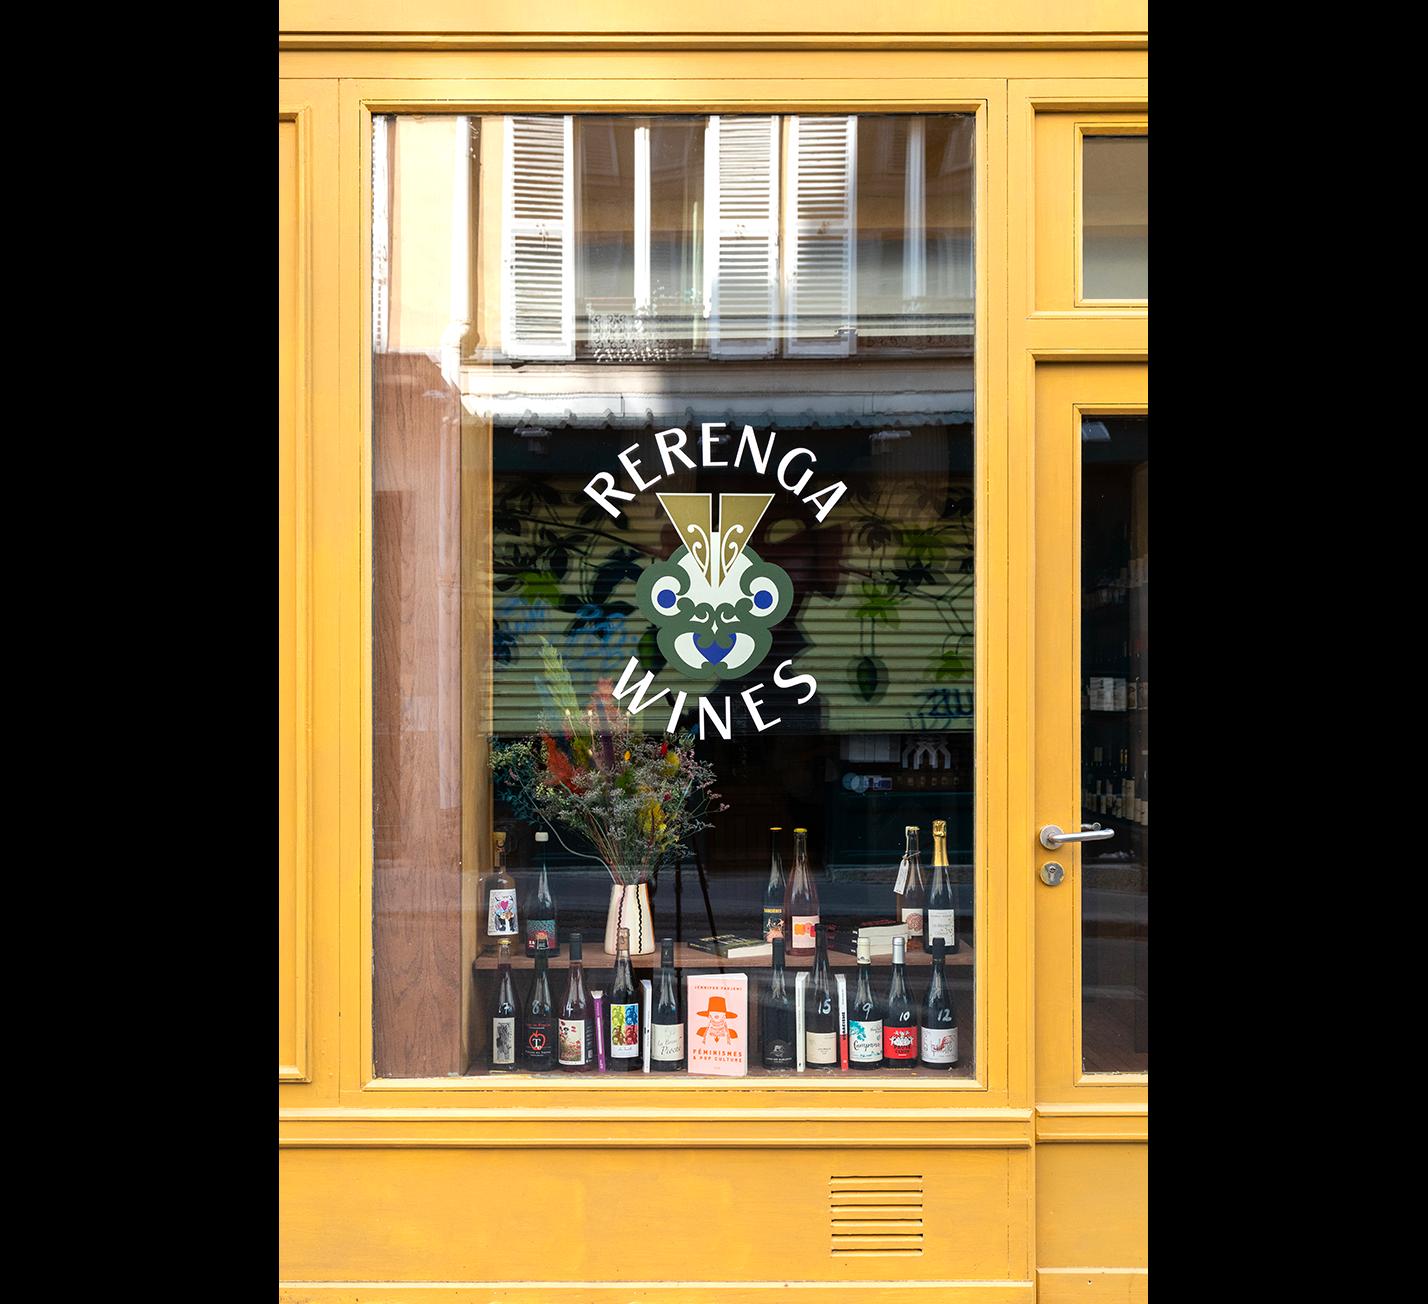 Rerenga-Wines-paris-rénovation-architecture-paris-construction-atelier-steve-pauline-borgia-13